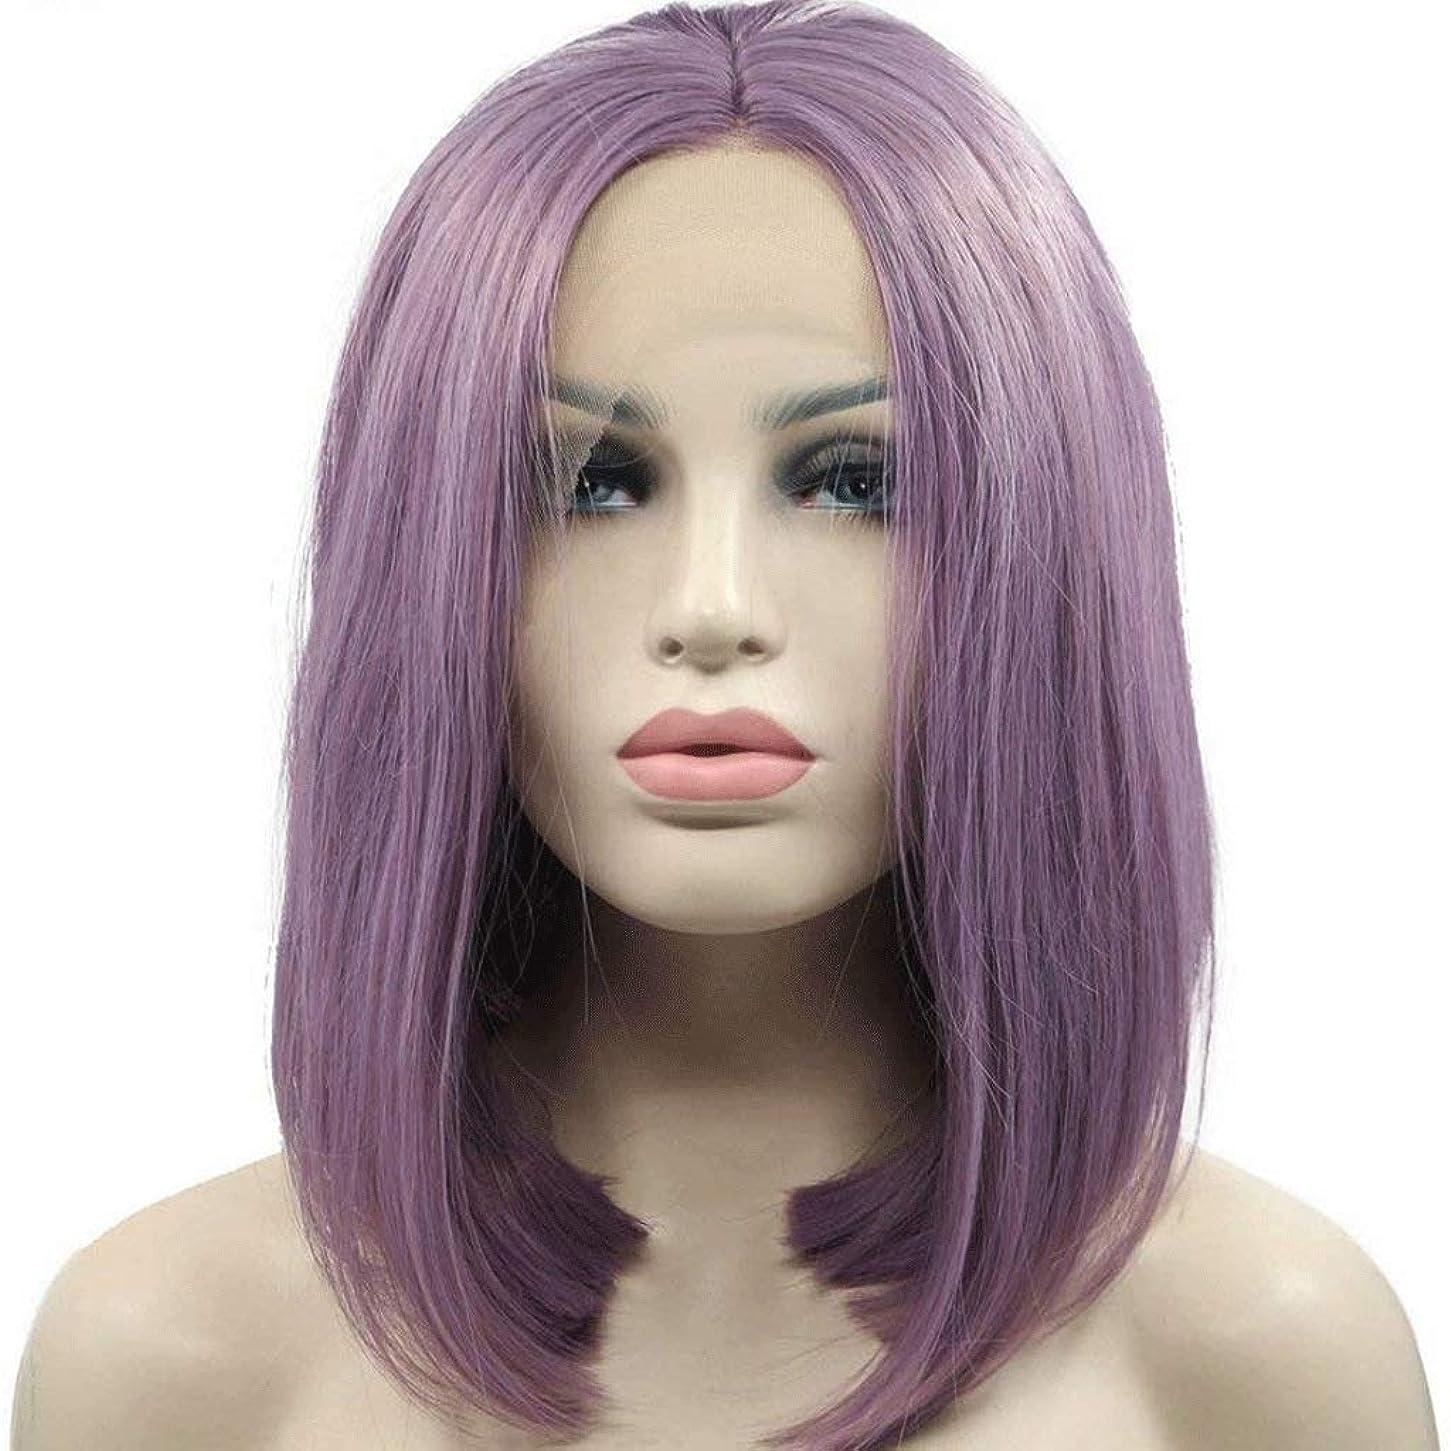 チケット持続するむき出し紫色の短いボブストレートヘアかつら合成レースフロントかつら、女性のための耐熱中央別れCospalyパーティー14インチ (色 : Purple)